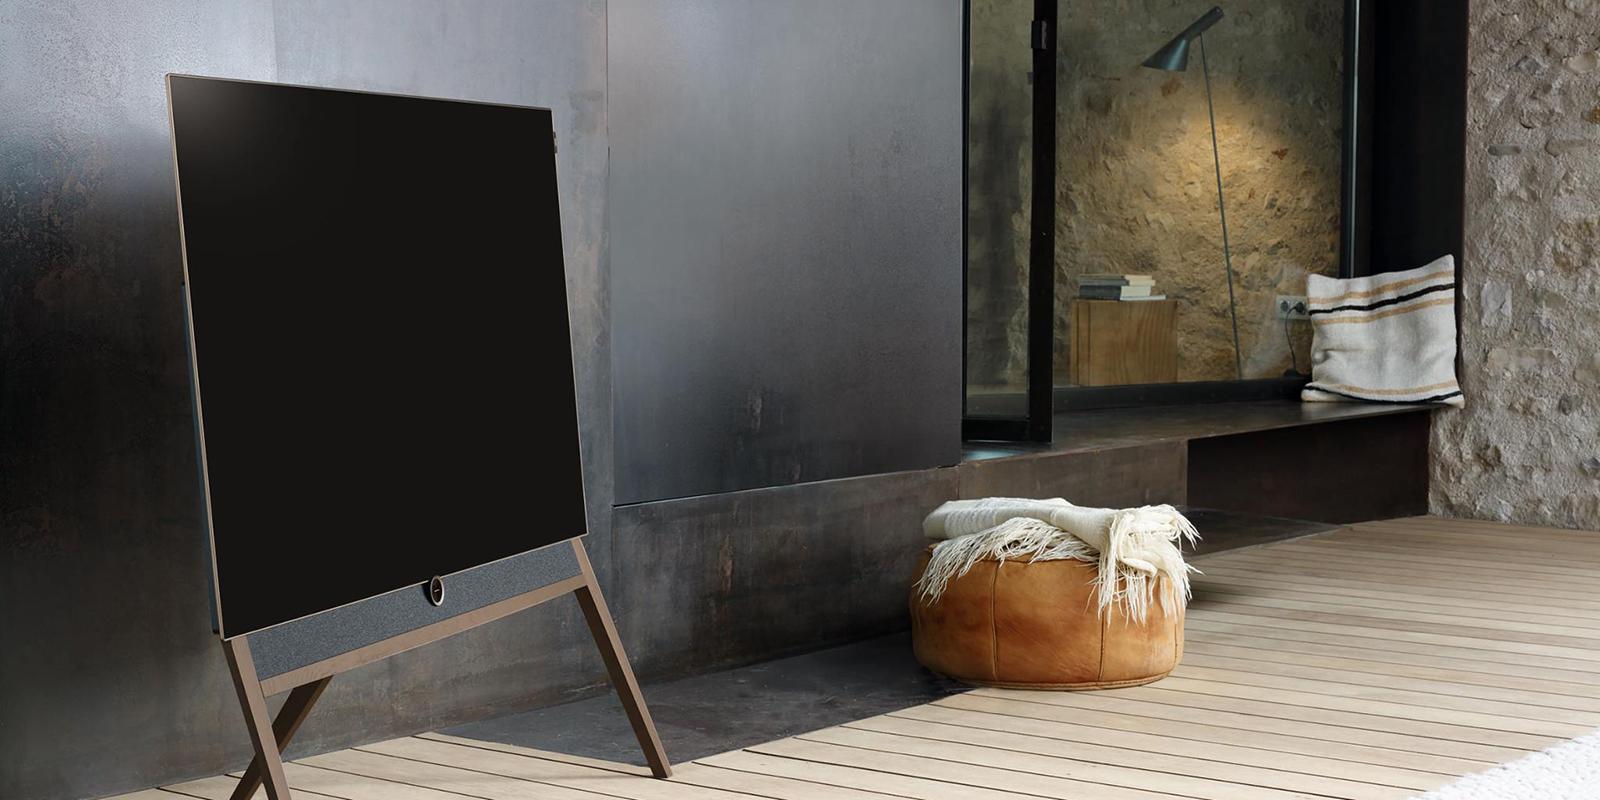 5 manieren hoe je de televisie het beste in je living kunt stylen, Loewe, televisie